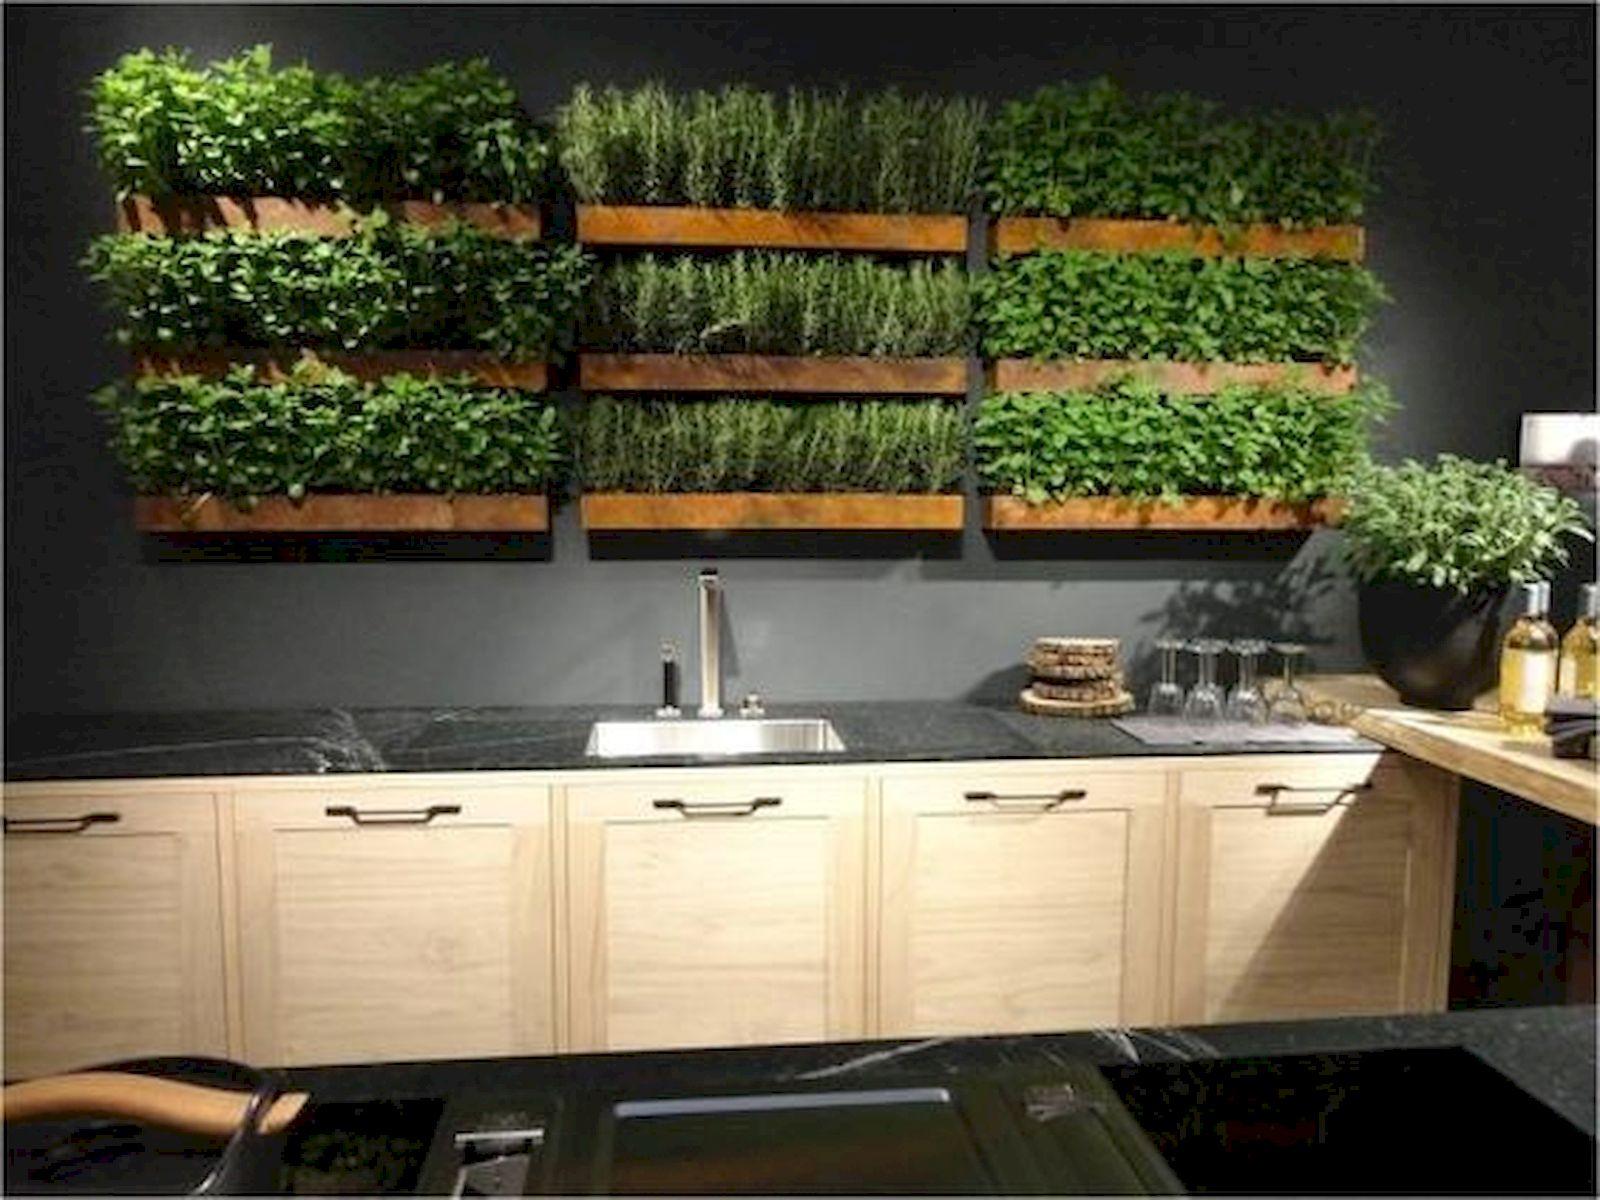 44 Creative DIY Vertical Garden Ideas To Make Your Home Beautiful (26)